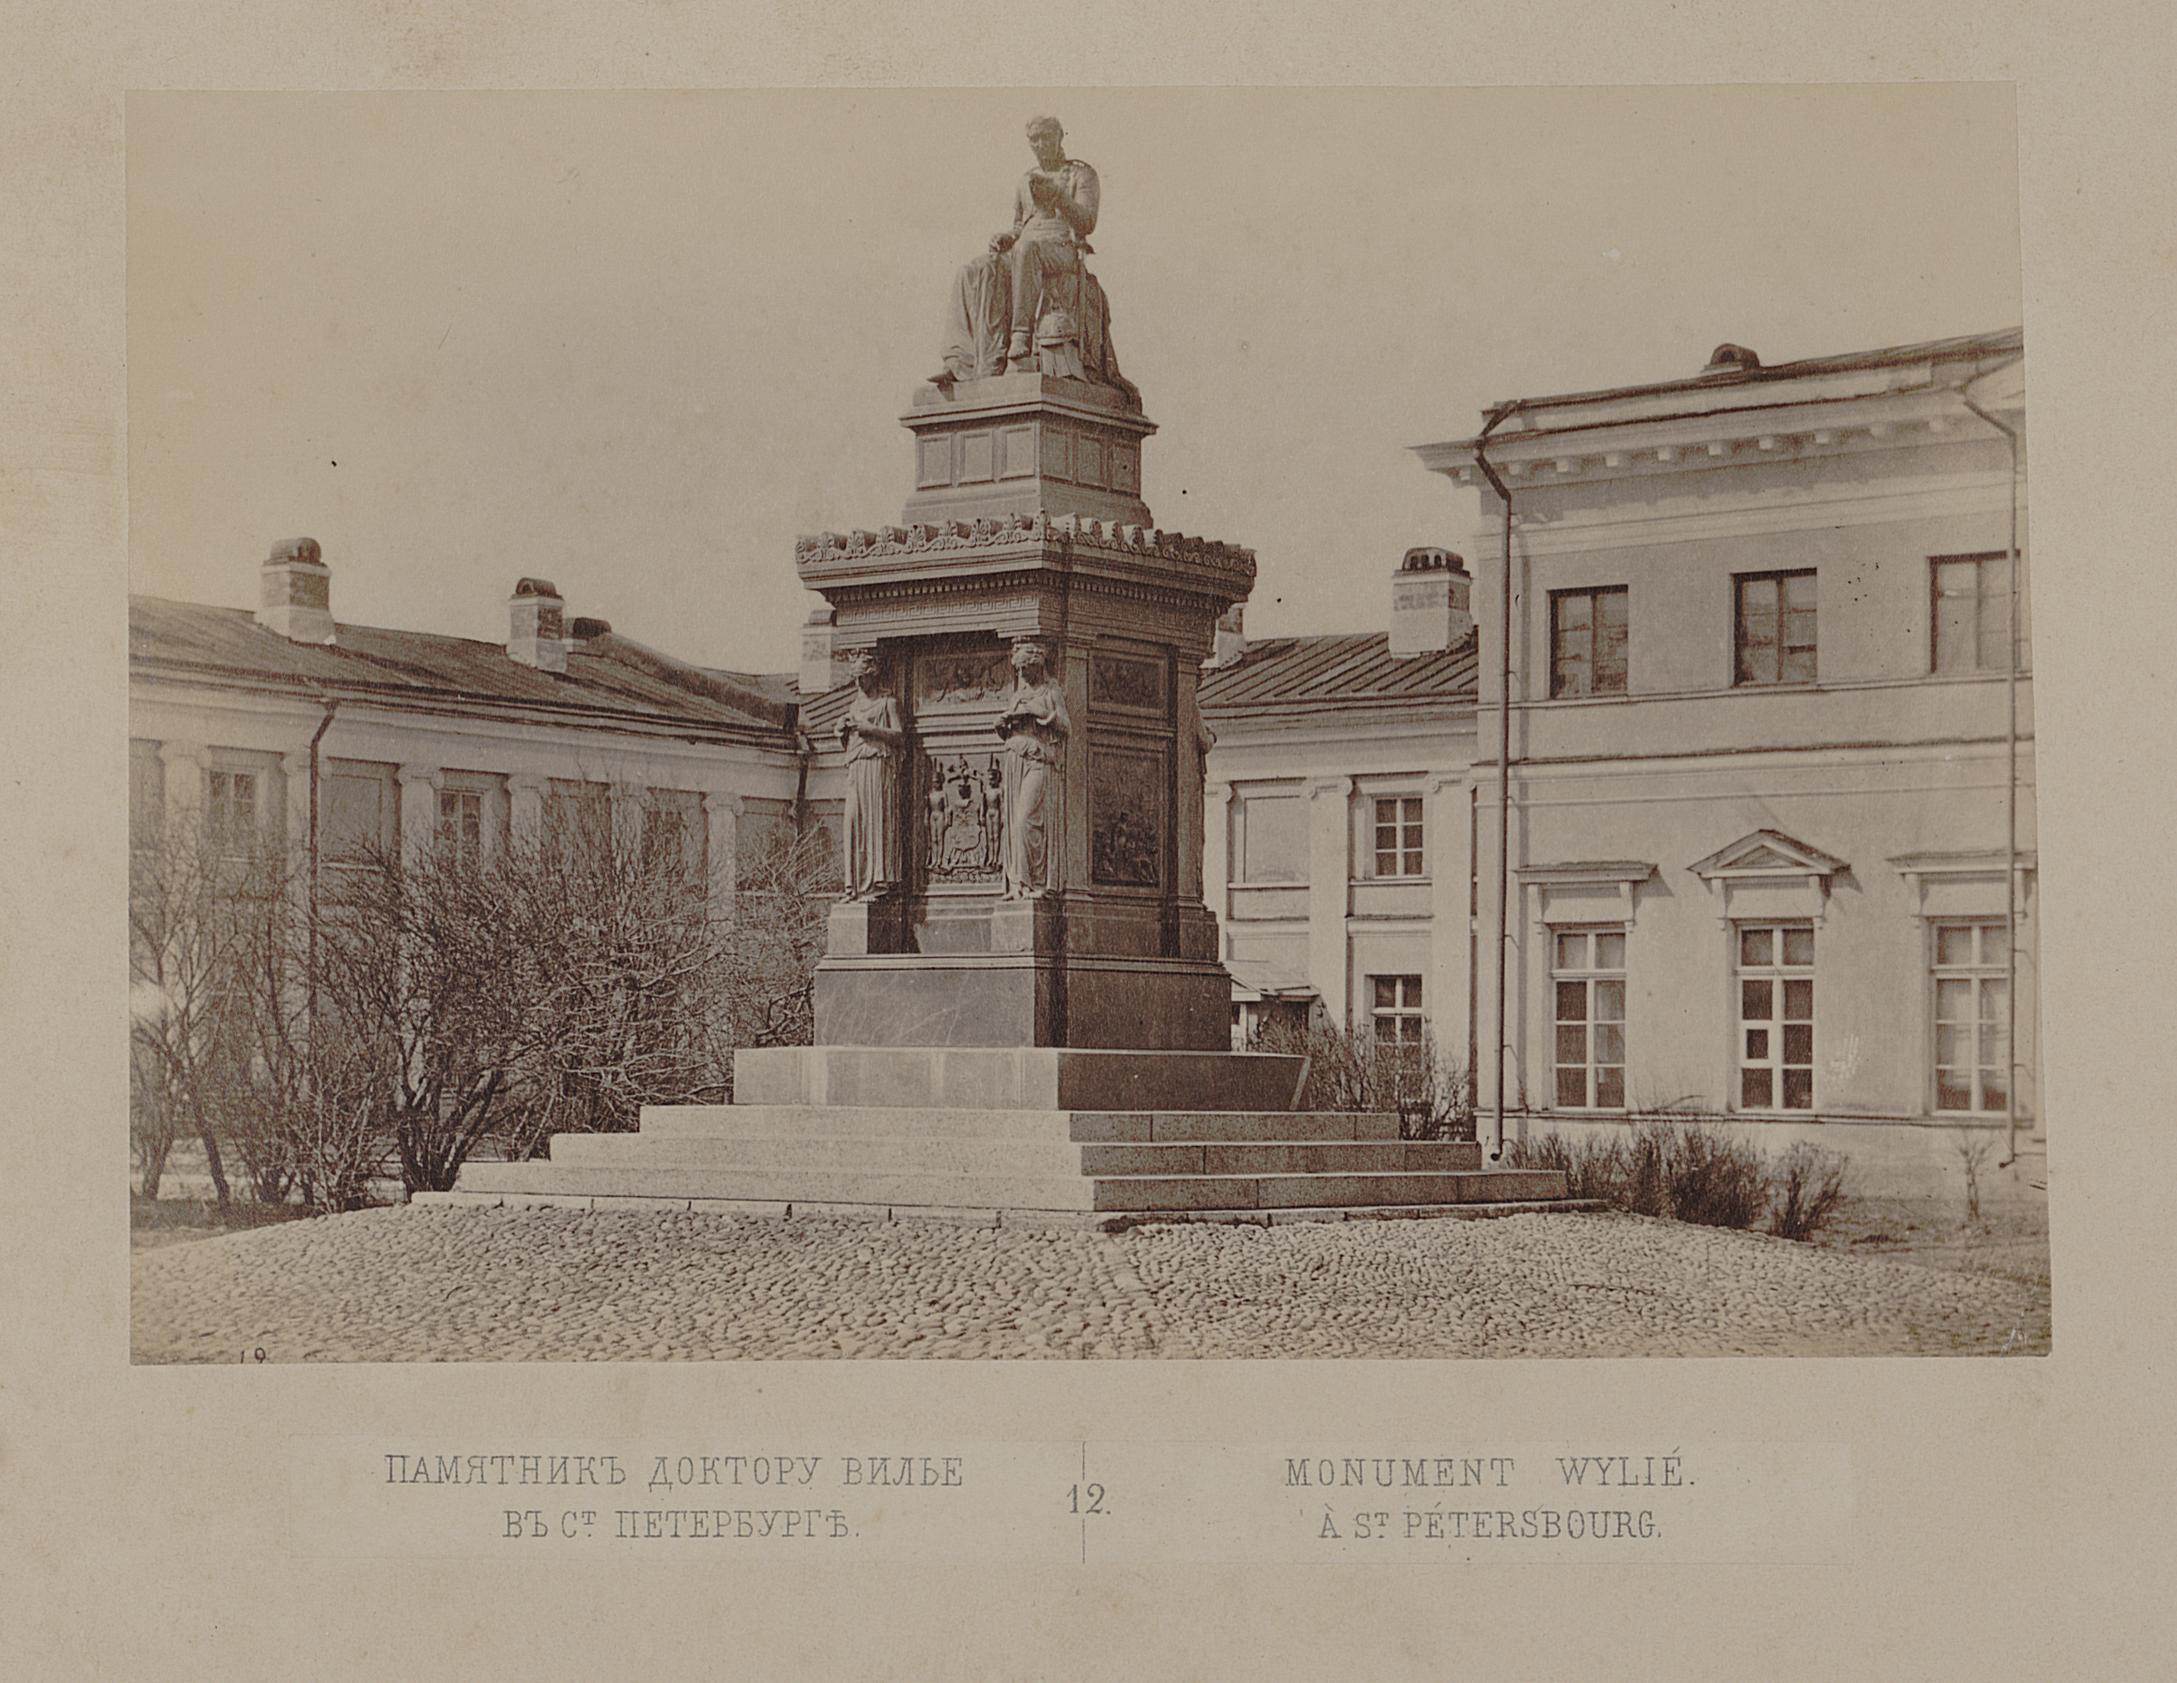 012. Памятник доктору Вилье